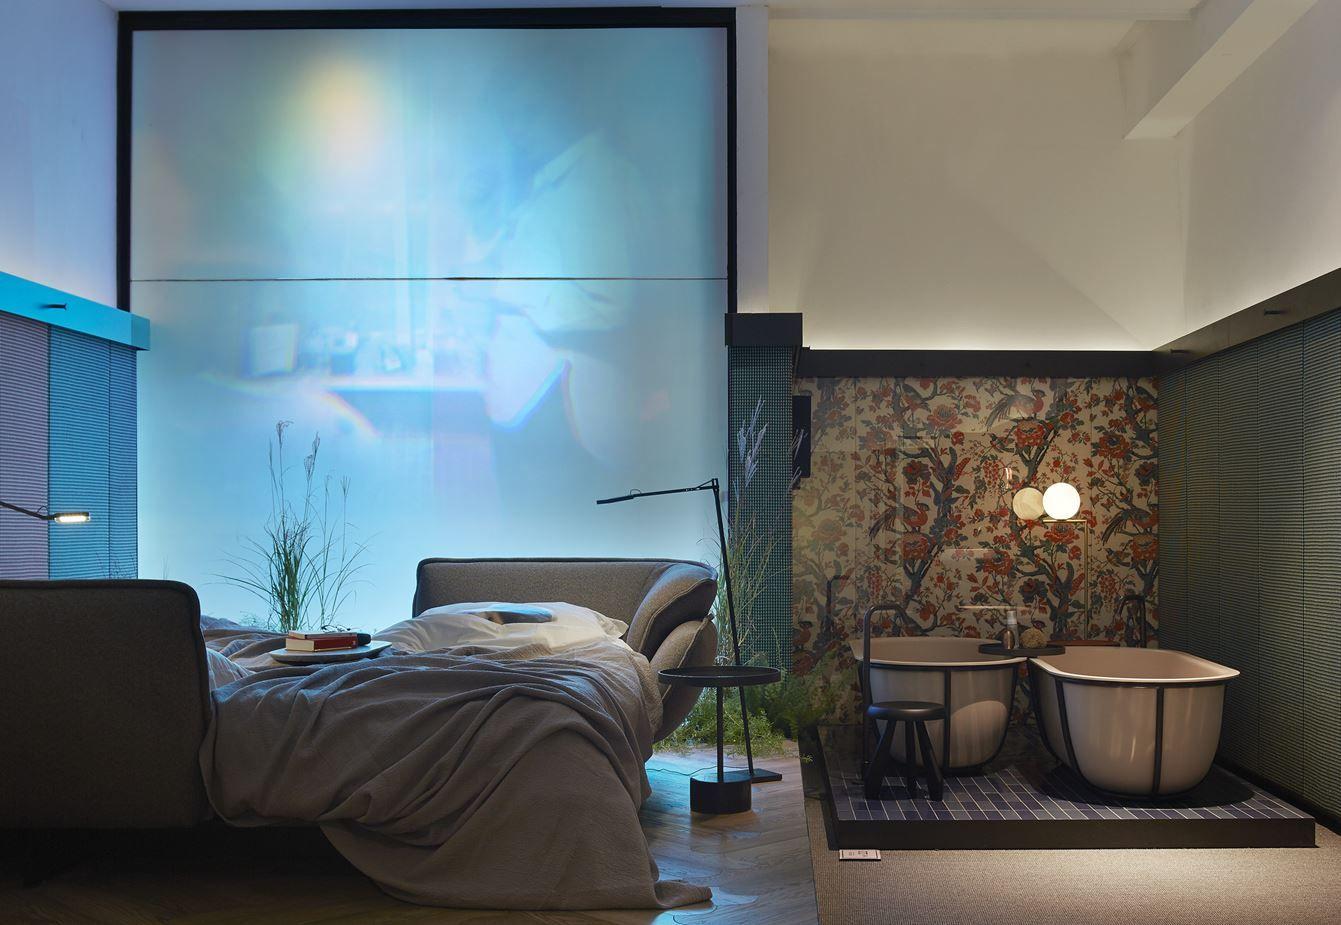 Elle decor grand hotel picture gallery 设计师 lissoni associati